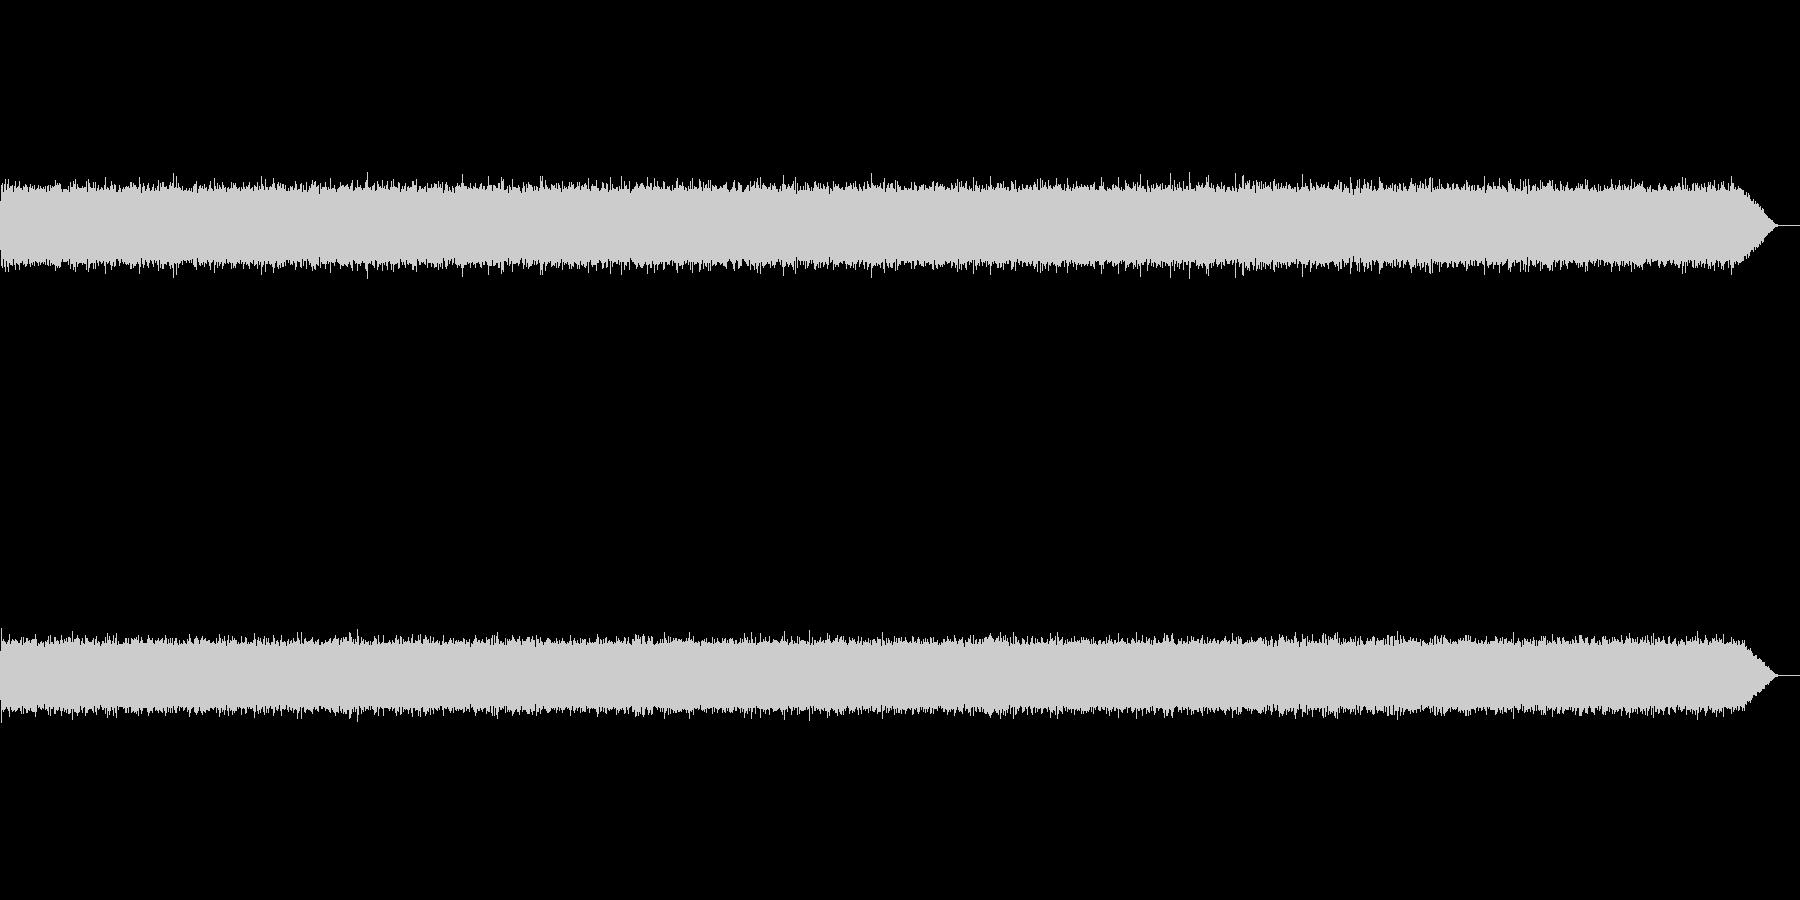 ザーーー(テープノイズ-01-重め)の未再生の波形